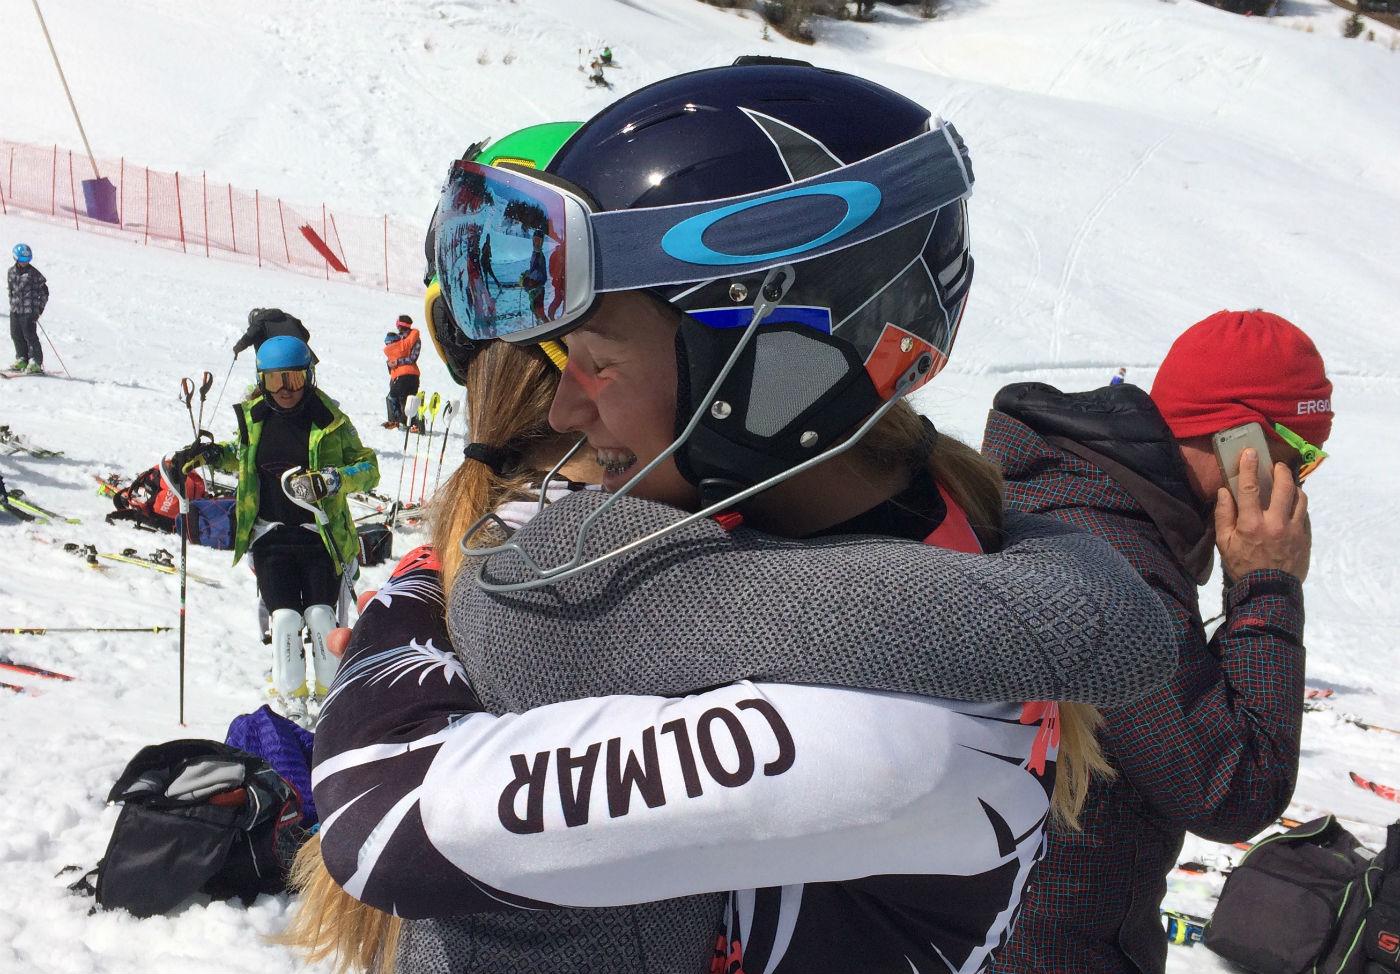 L'abbraccio a fine gara fra Charlotte Audibert e Matilde Gavazzi ©Gabriele Pezzaglia